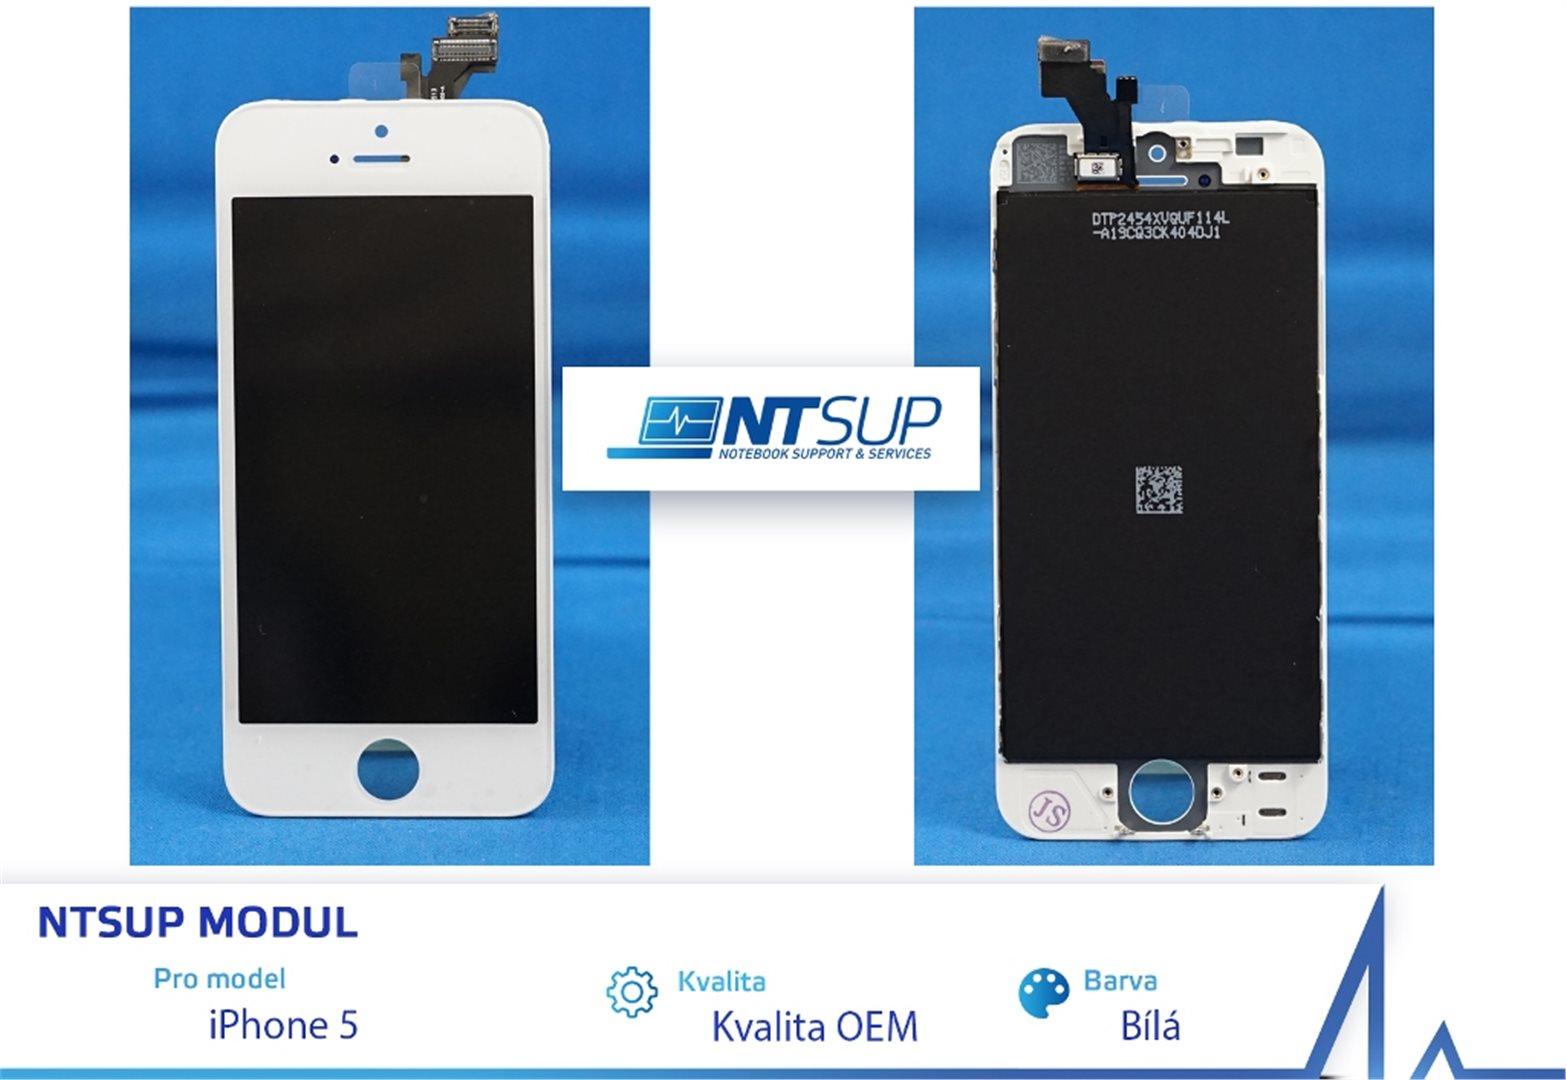 288170 - NTSUP LCD modul iPhone 5 bílý Kvalita B 9dccf346d79